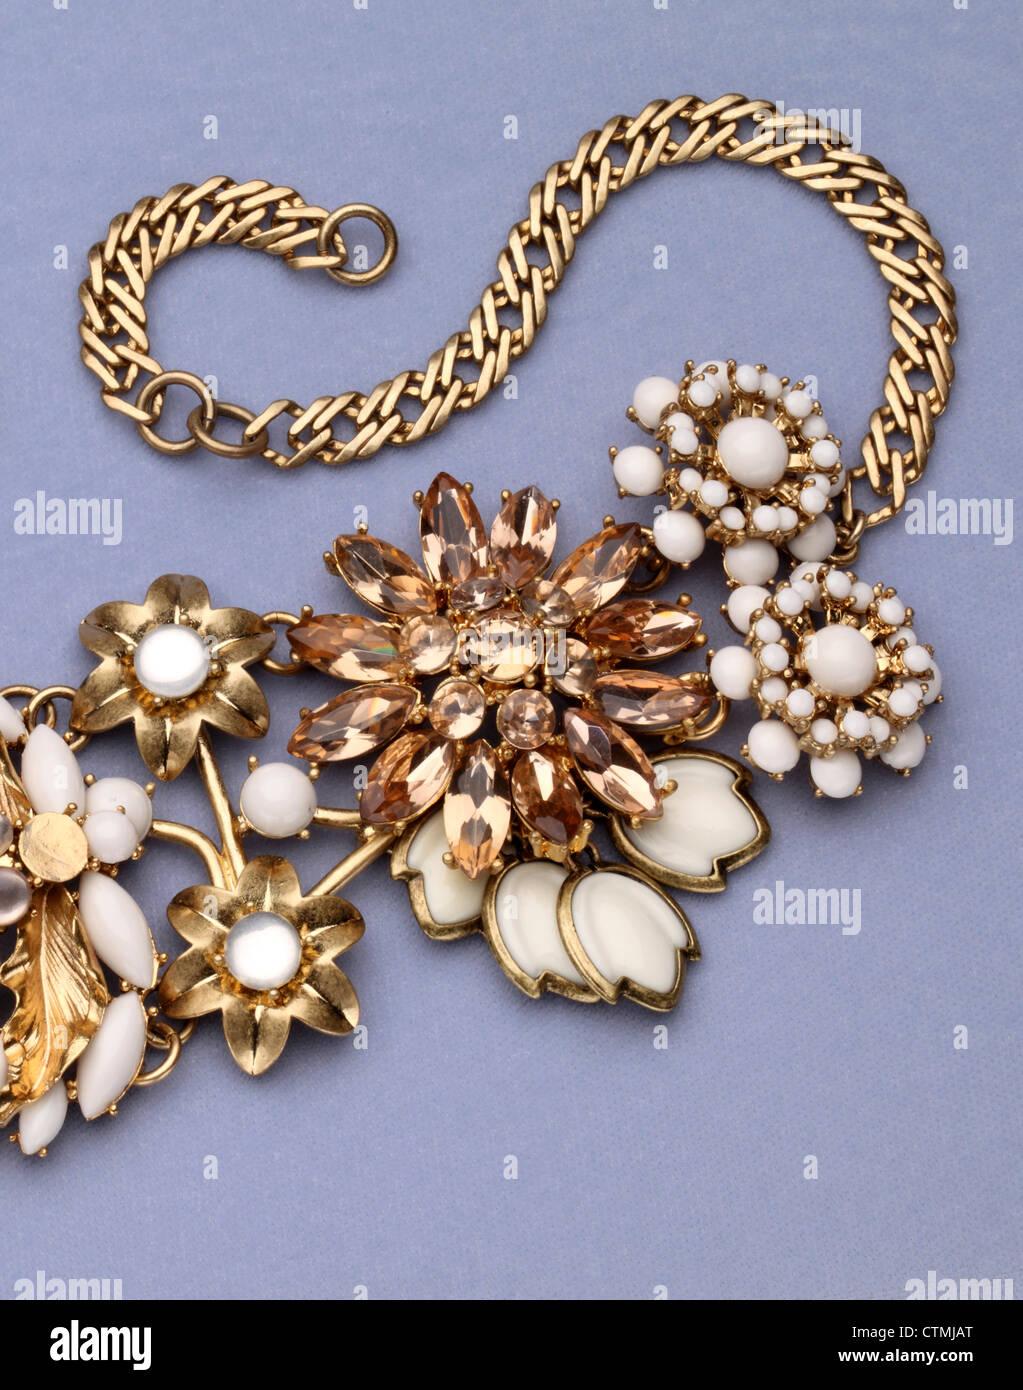 Les Bijoux de costume. Un grand collier en or avec des fleurs. Photo Stock